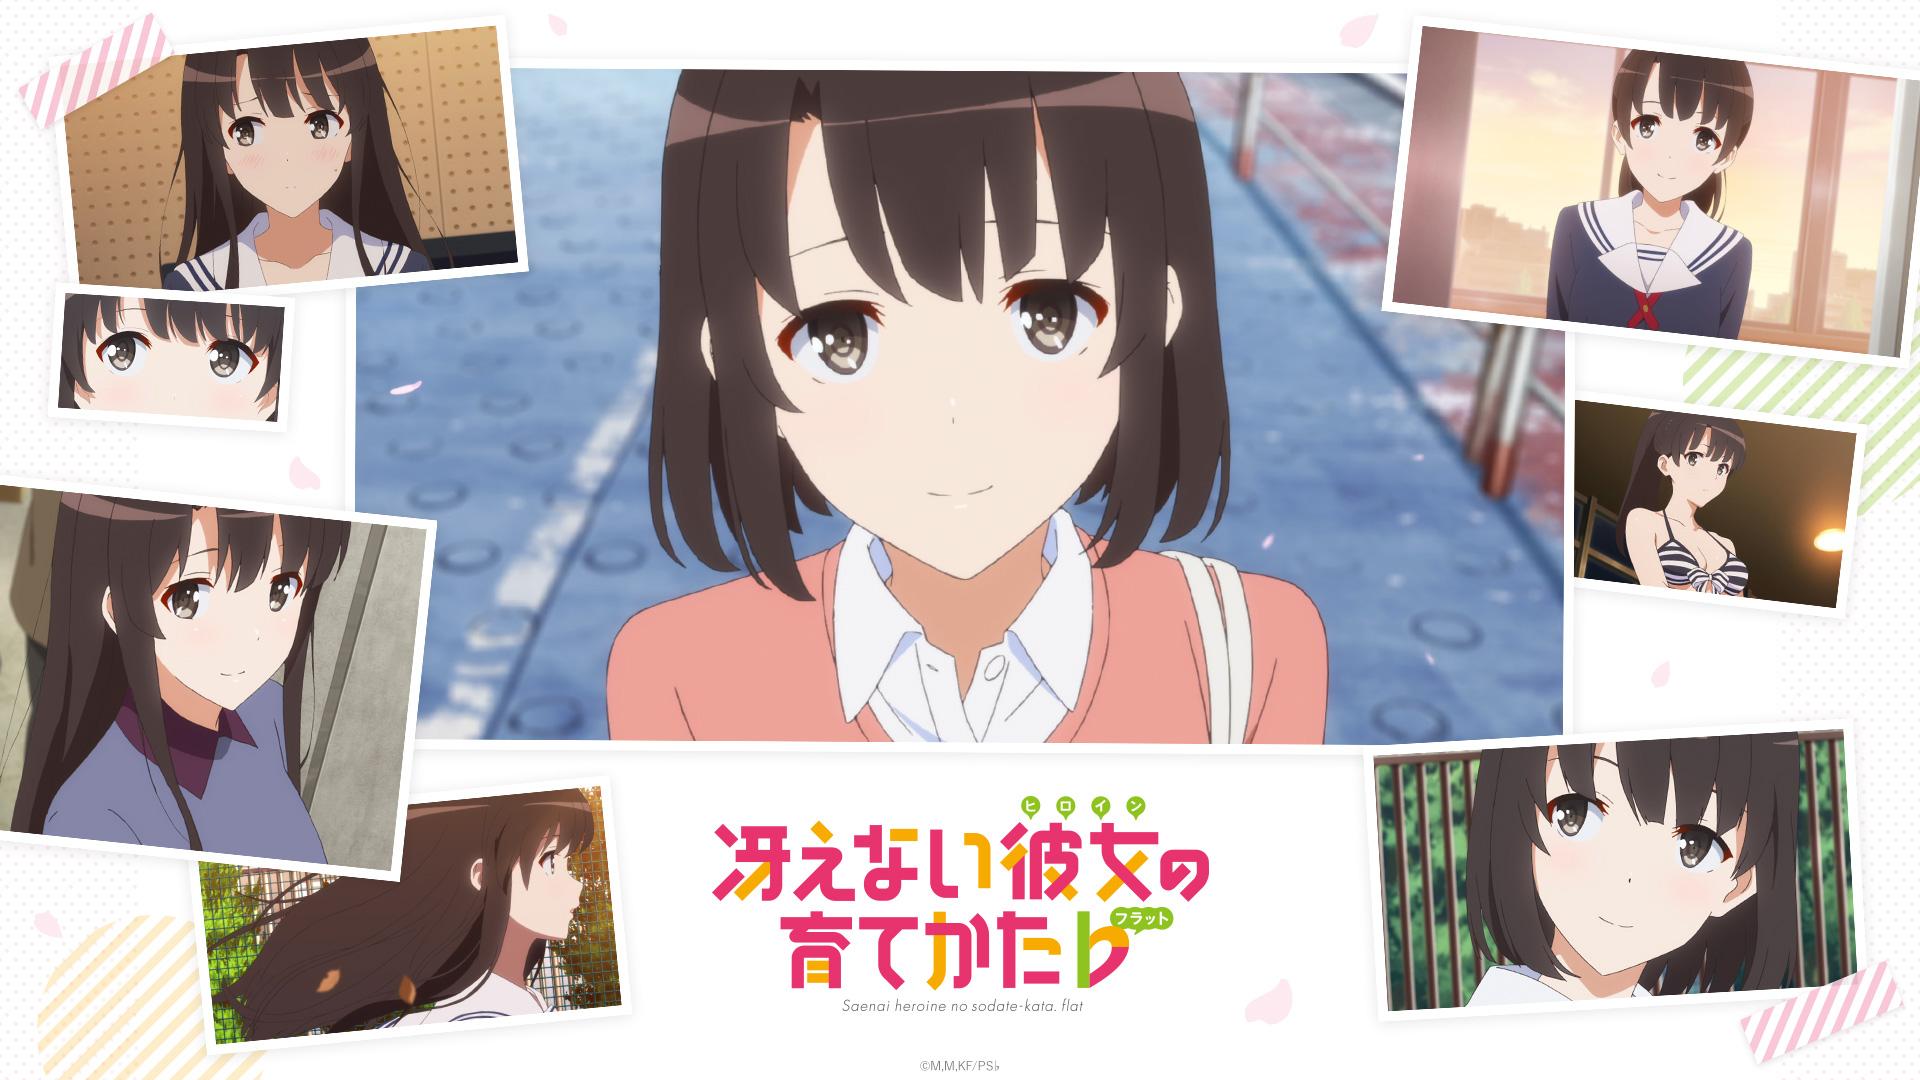 壁紙 Twitterアイコンプレゼント Special Tvアニメ 冴えない彼女